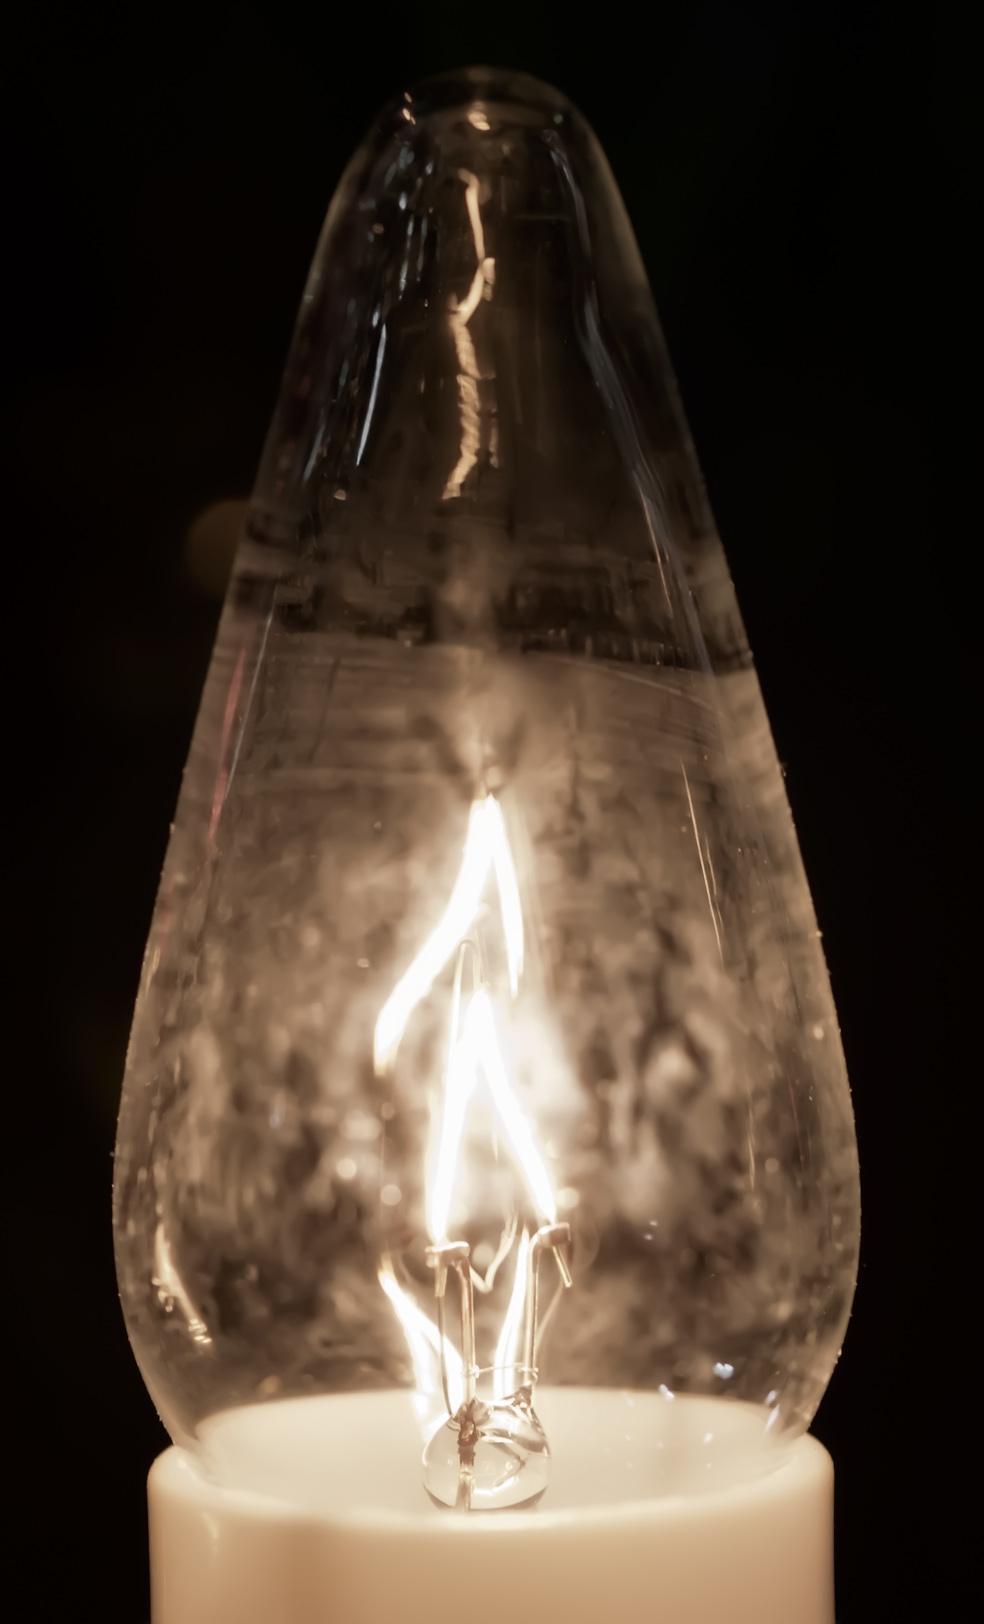 sähkökynttilä, kuva 187137, 10.12.2011